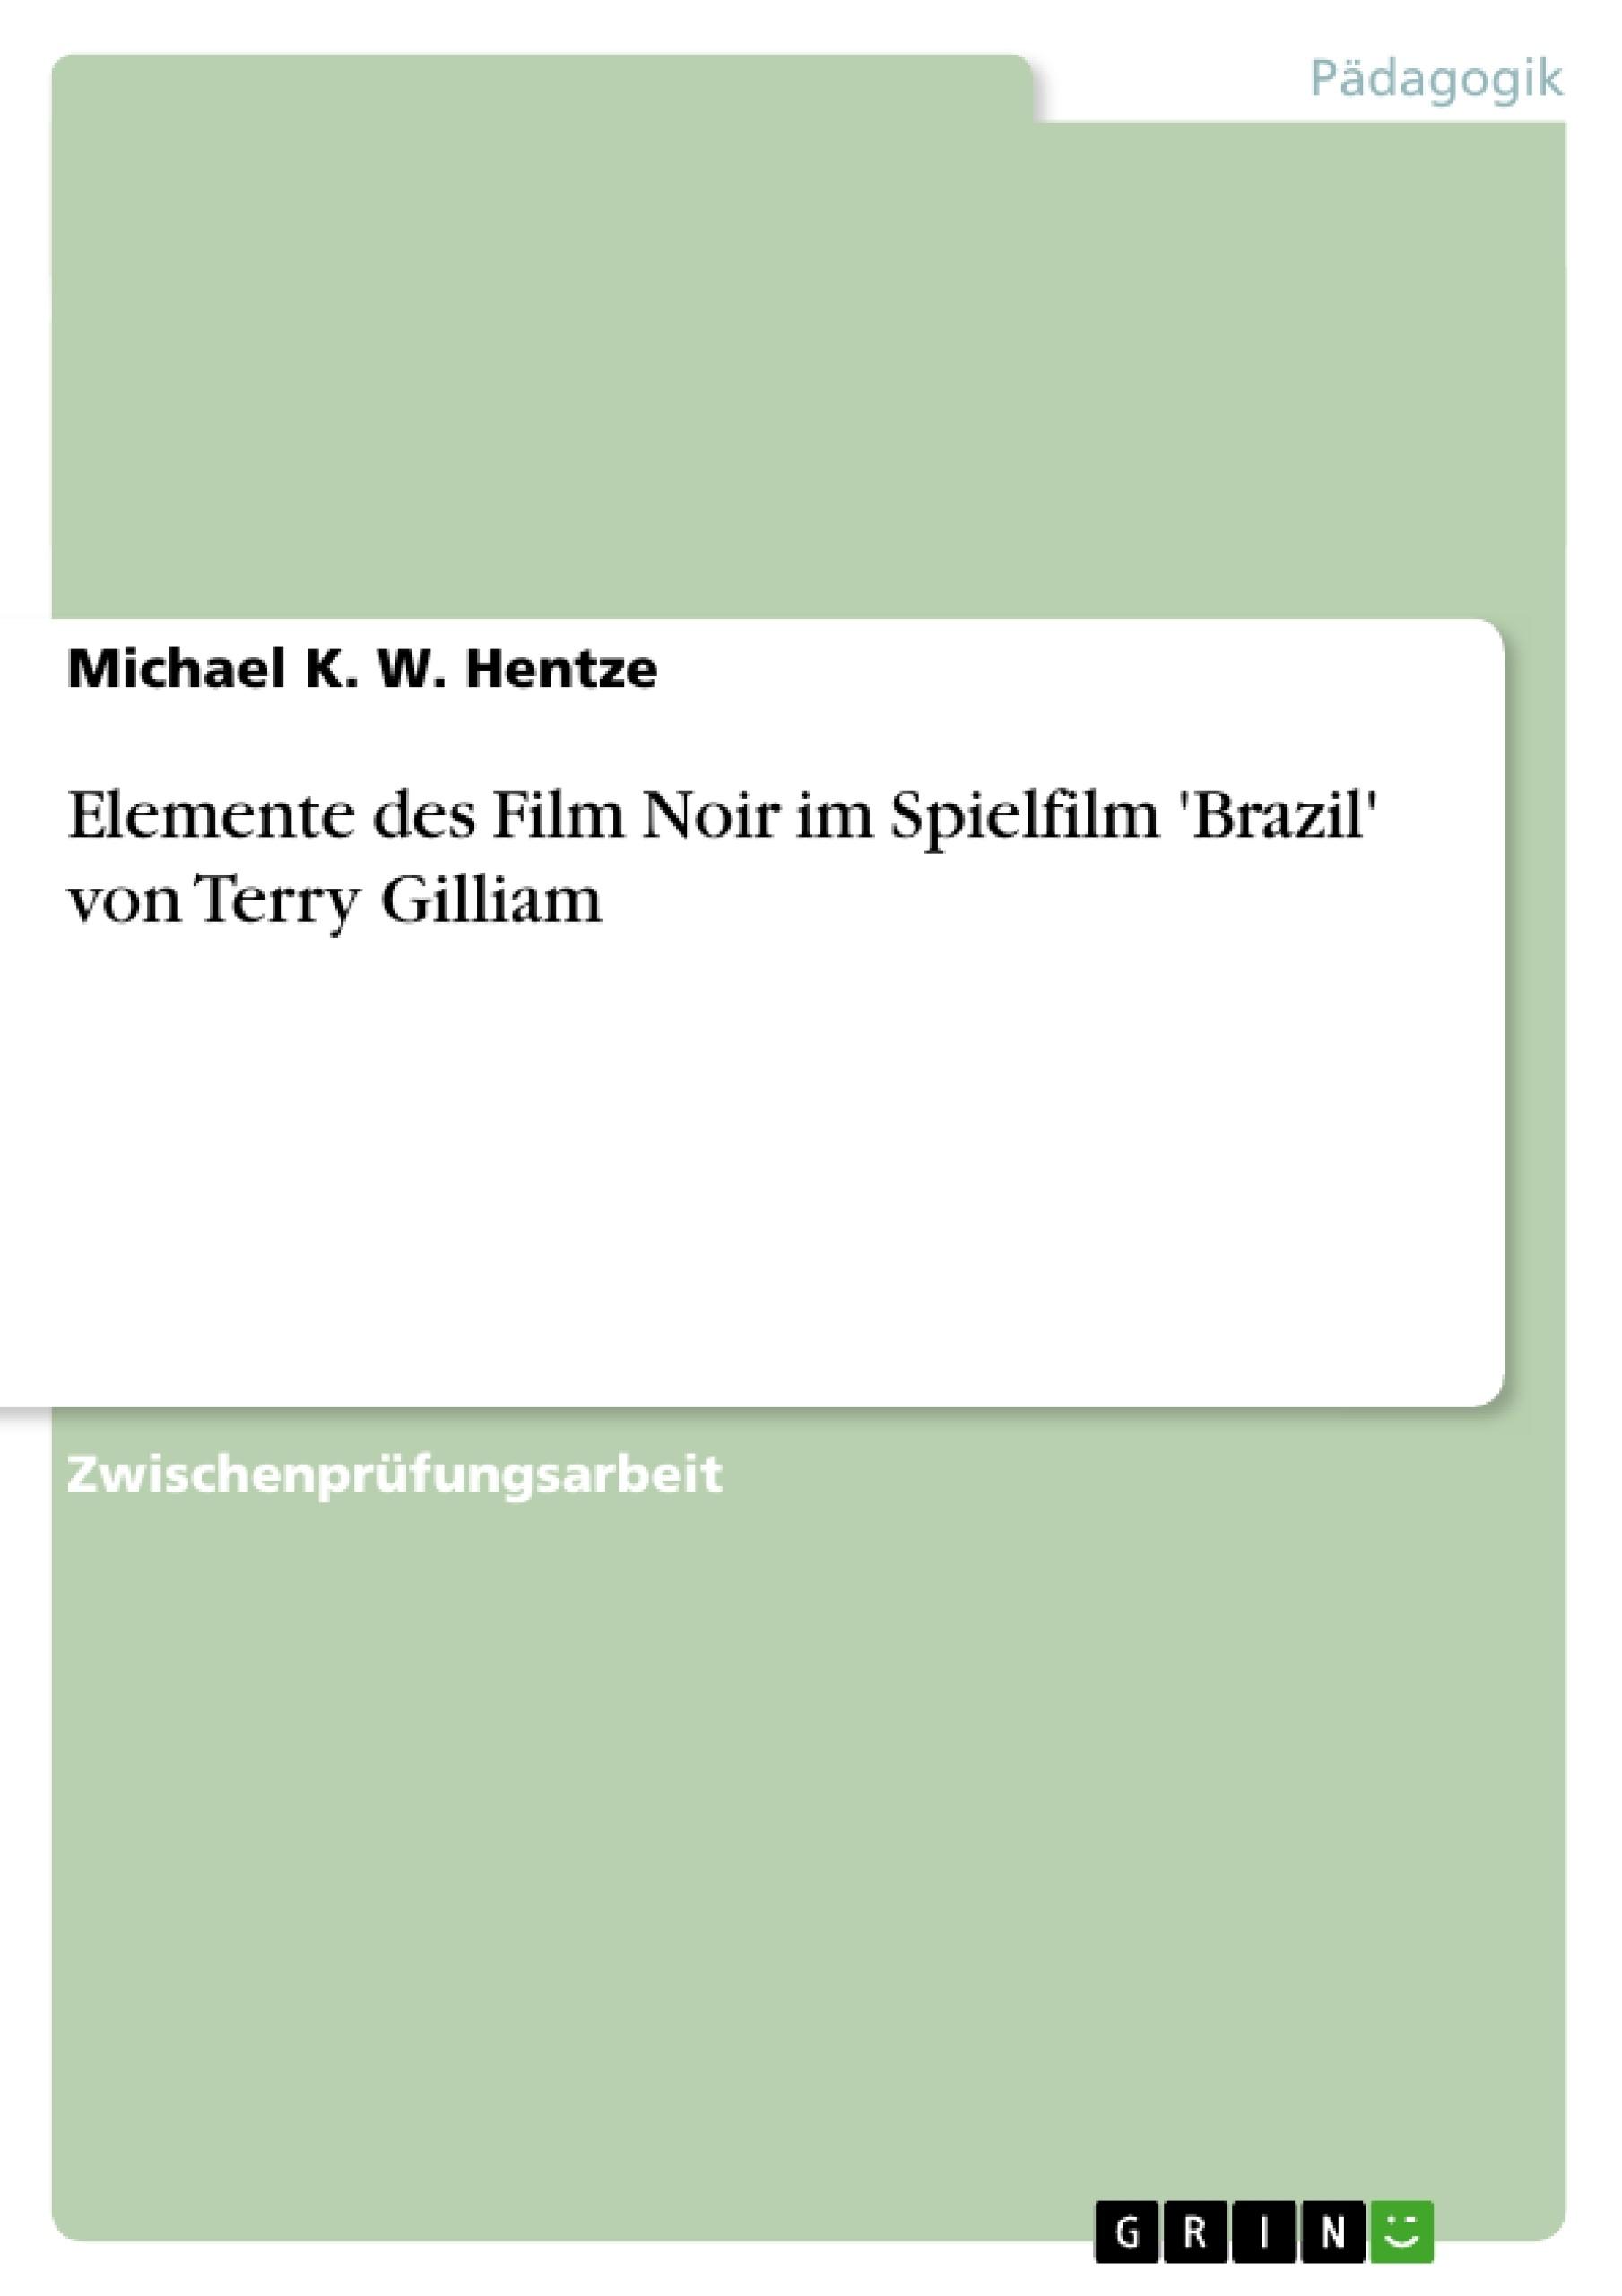 Titel: Elemente des Film Noir  im Spielfilm 'Brazil' von Terry Gilliam